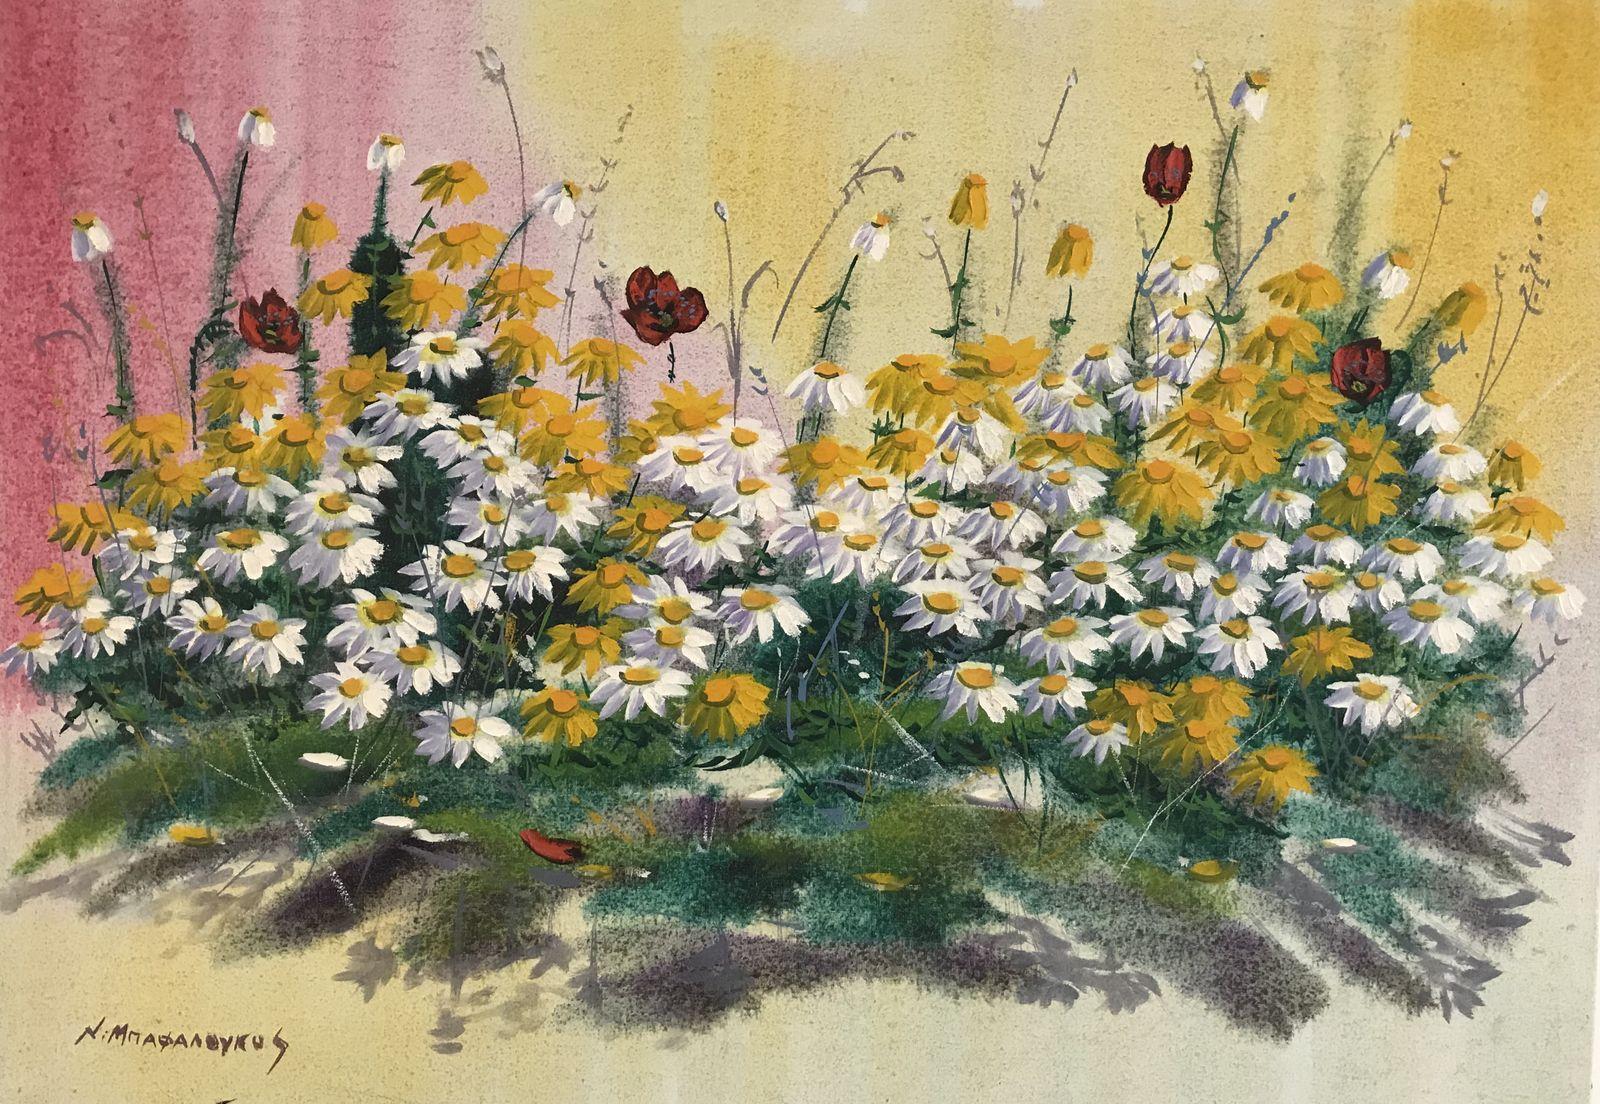 Νικόλας Μπαφαλούκος 50×70 εκ. Ακρυλικά σε καμβά Nicholas Bafaloukos 50×70 cm Acrylics on canvas (1)